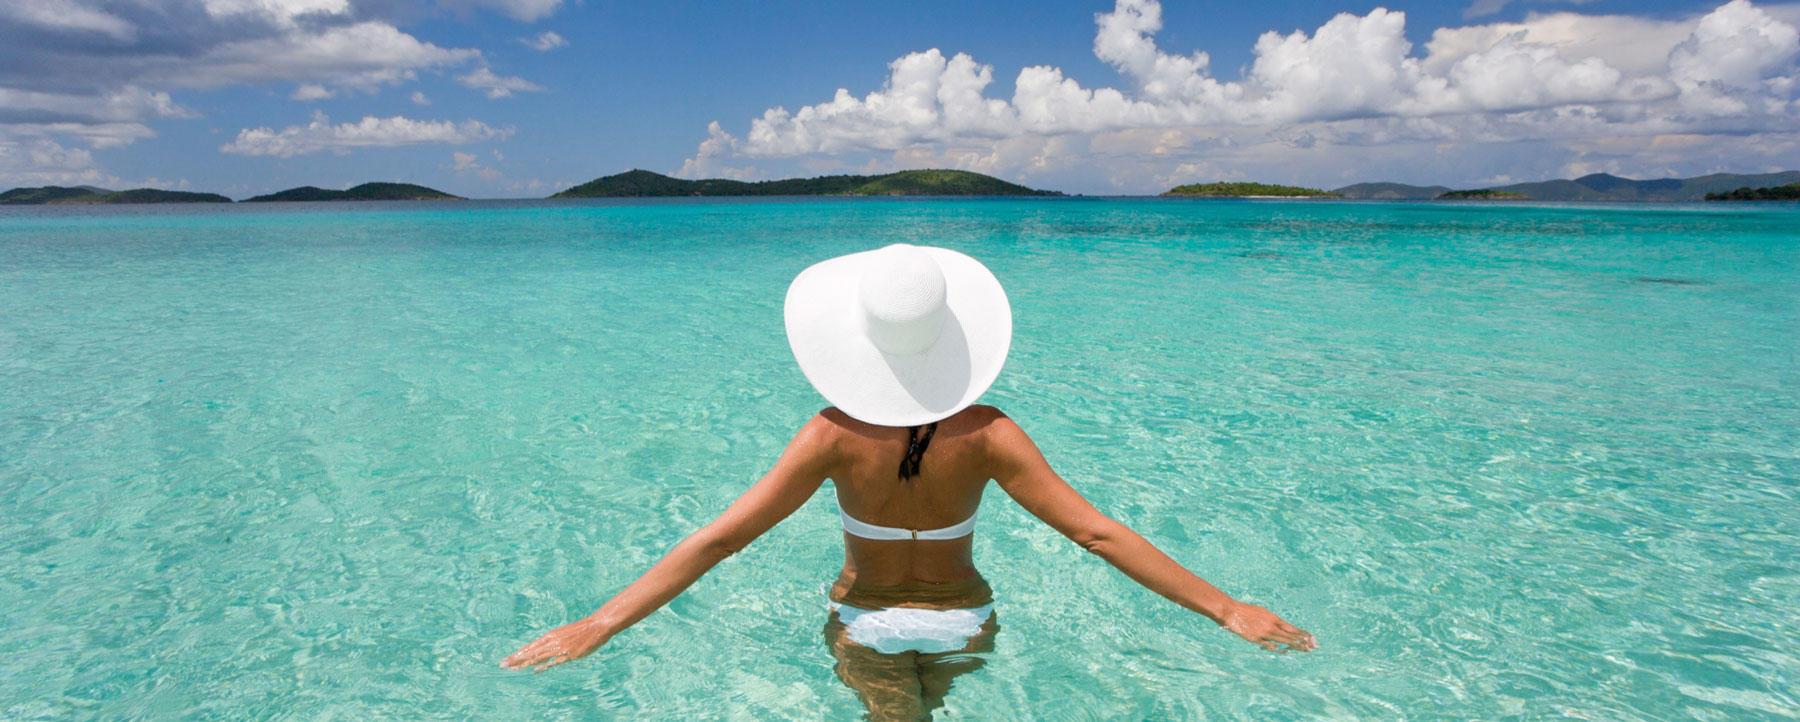 Woman swimming in bikini